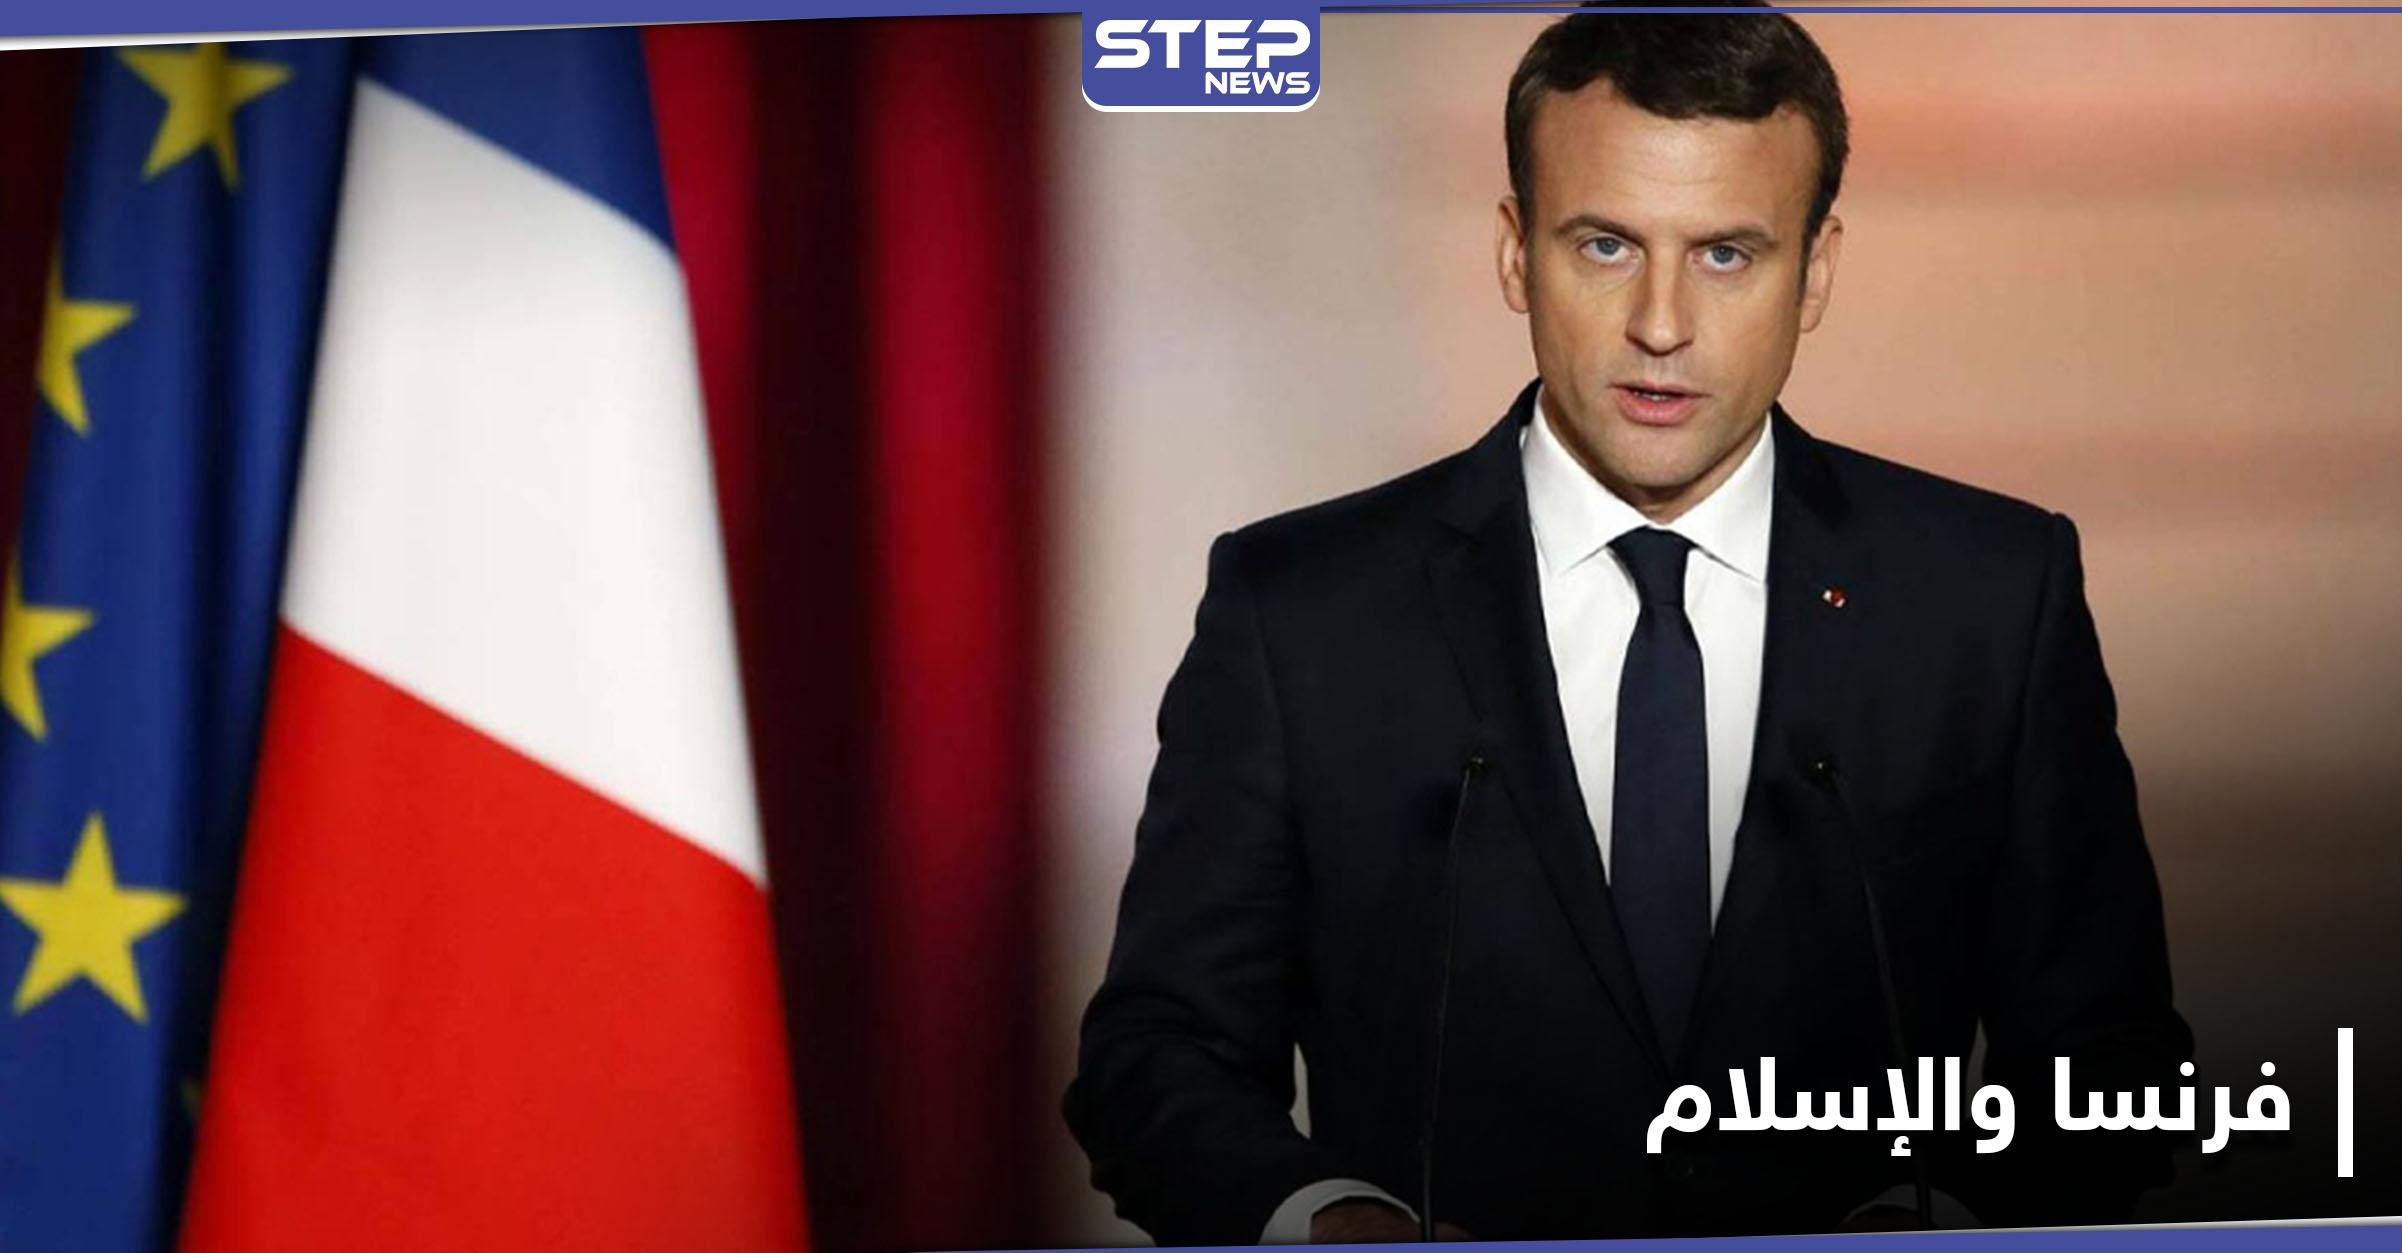 الرئيس الفرنسي يهاجم الإسلام.. ويقدم مقترحاً لتخليص فرنسا